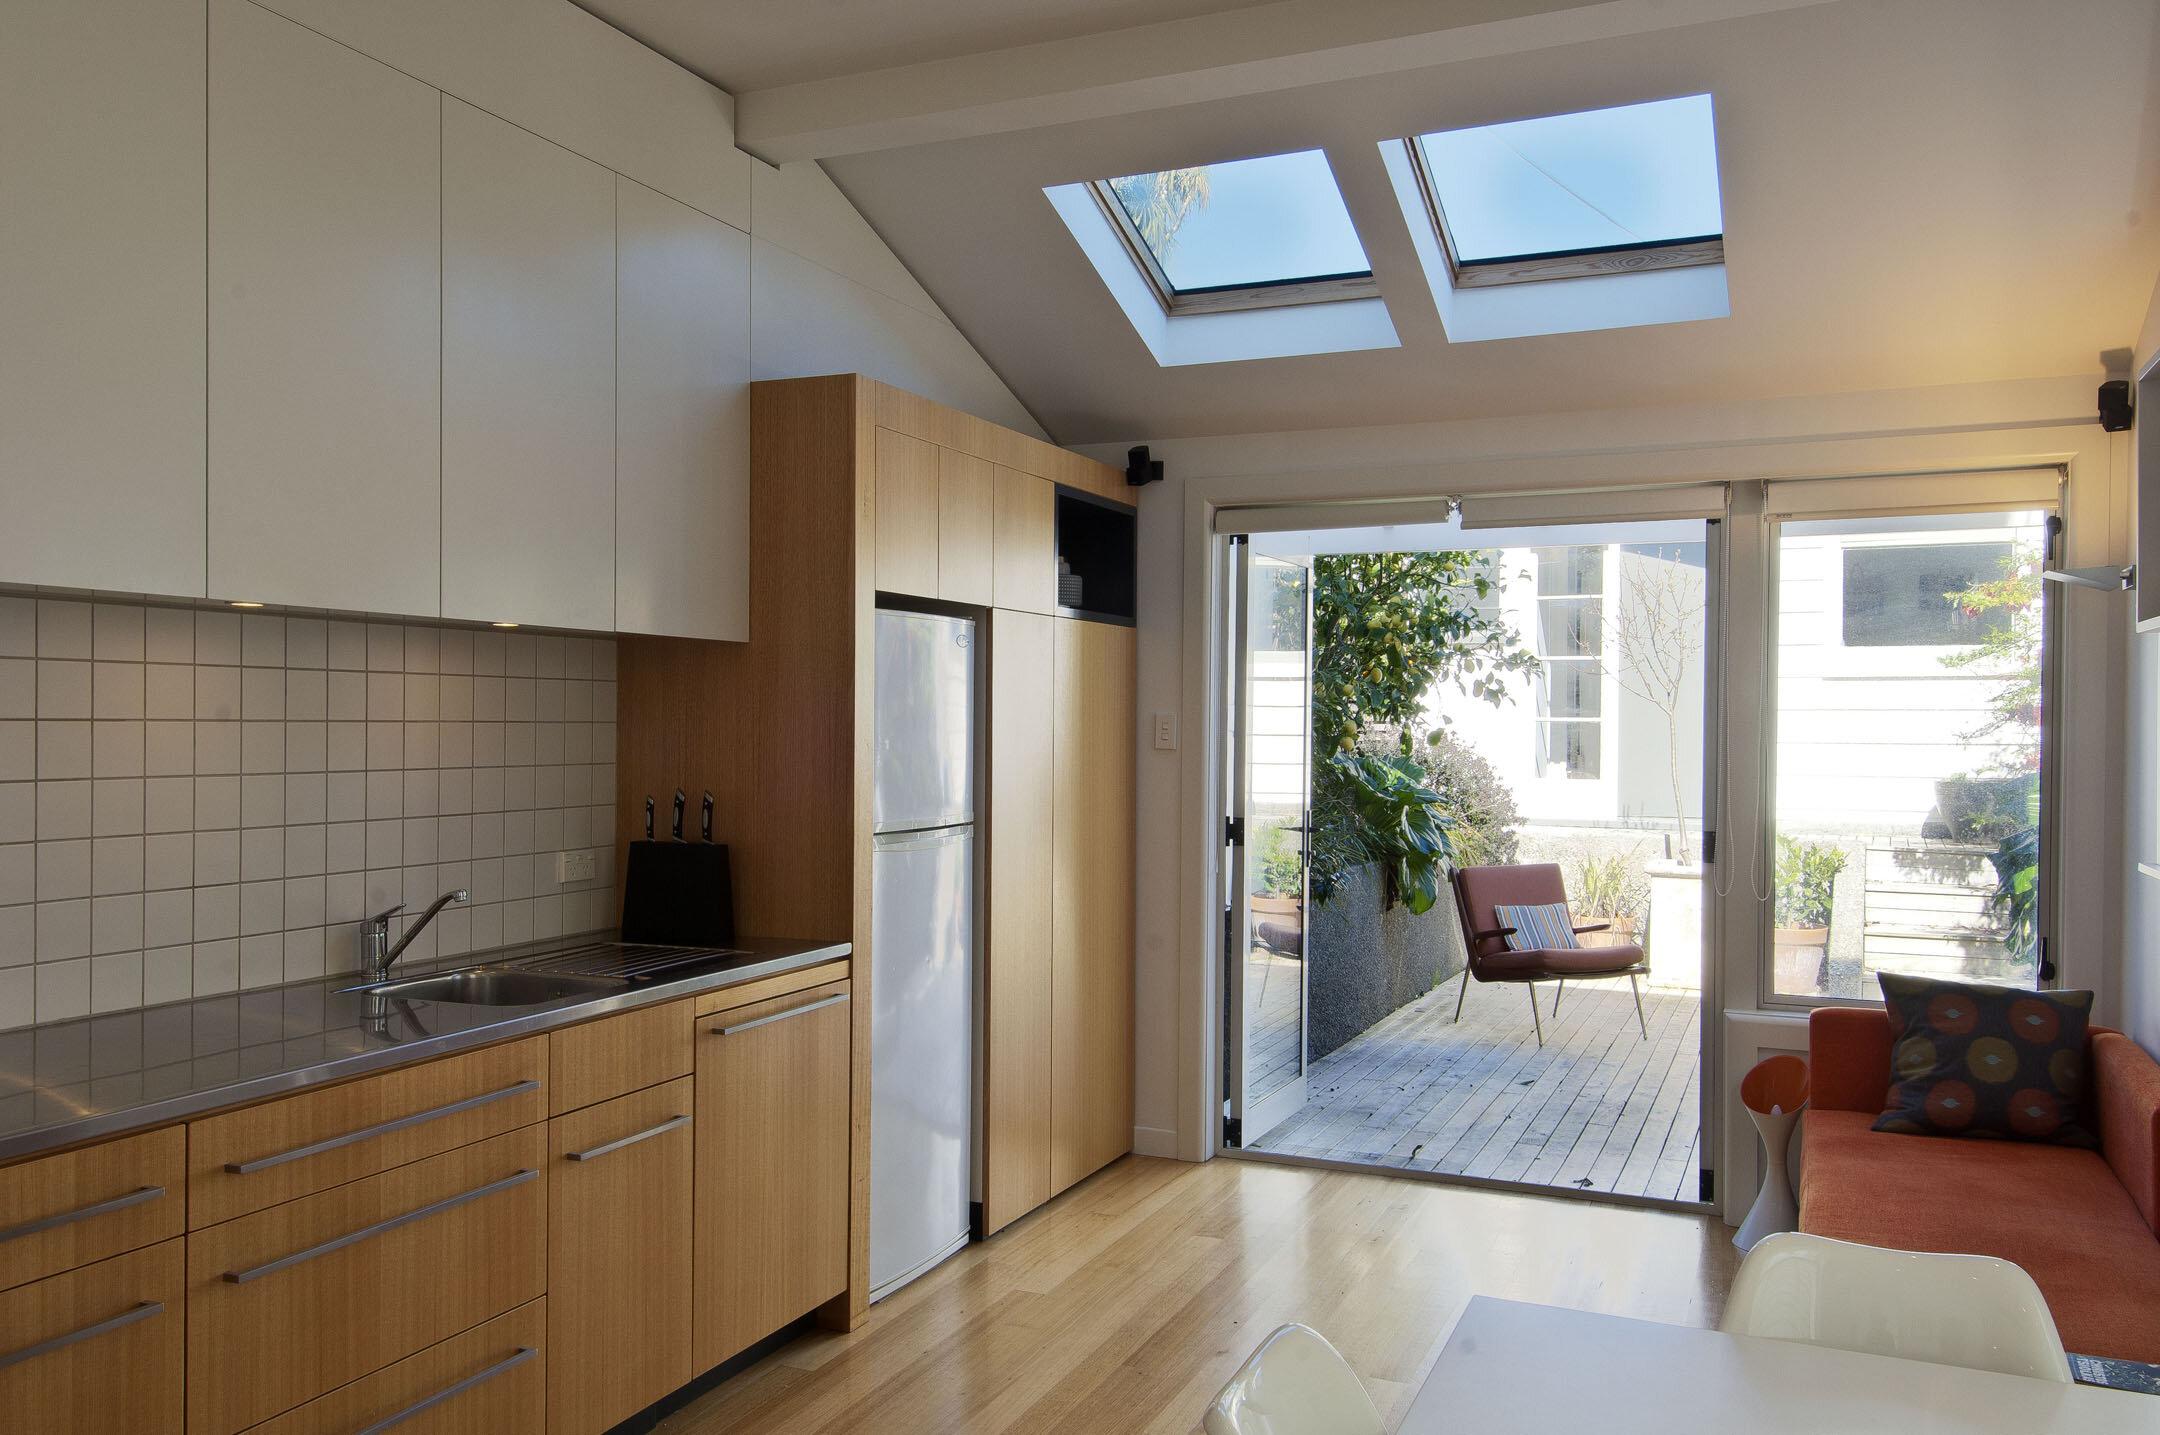 64_kitchen2courtyard.jpg